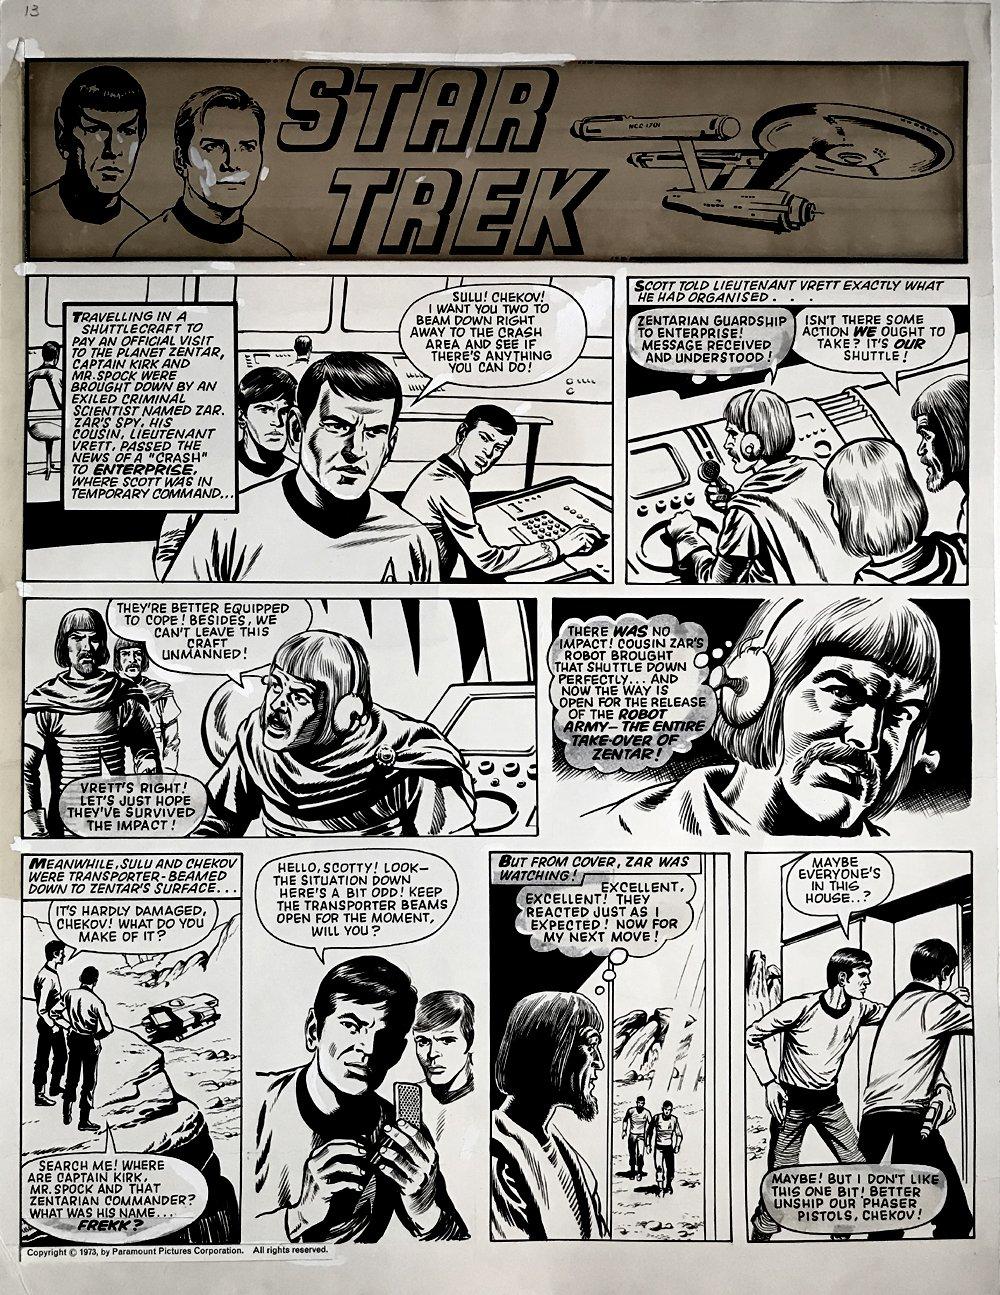 Star Trek Newspaper Strip (HUGE) 1-6-1973